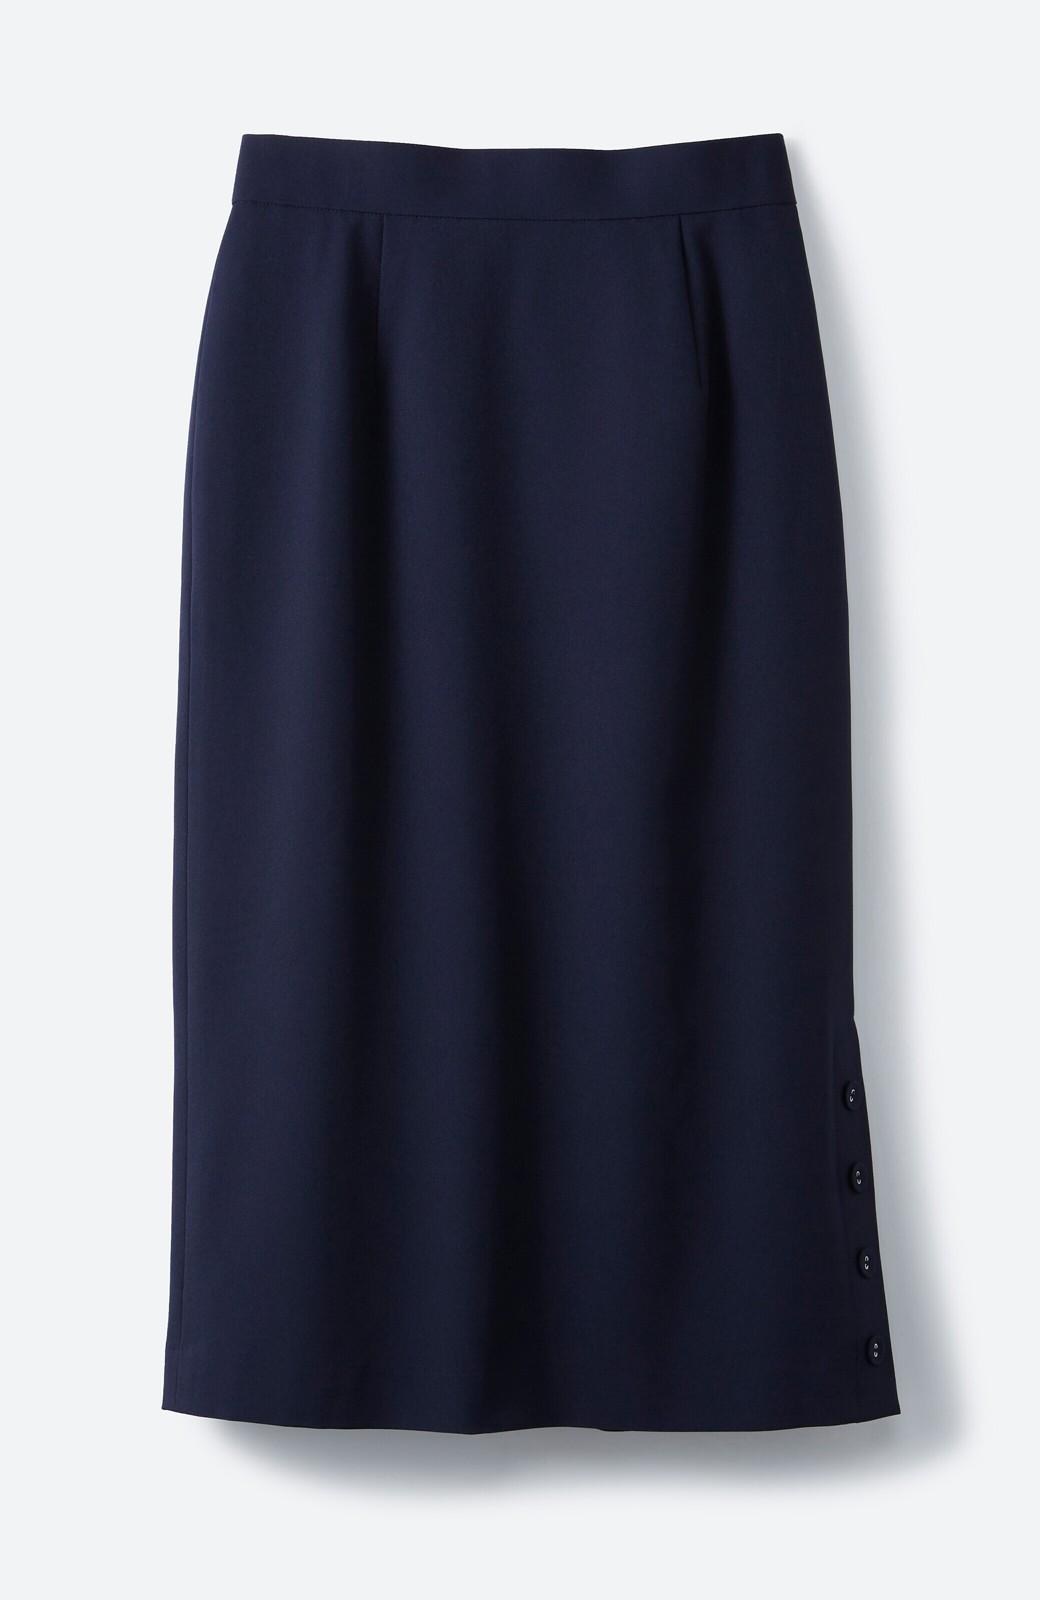 haco! 持っていると便利な 野暮ったくならないタイトスカート <ネイビー>の商品写真1